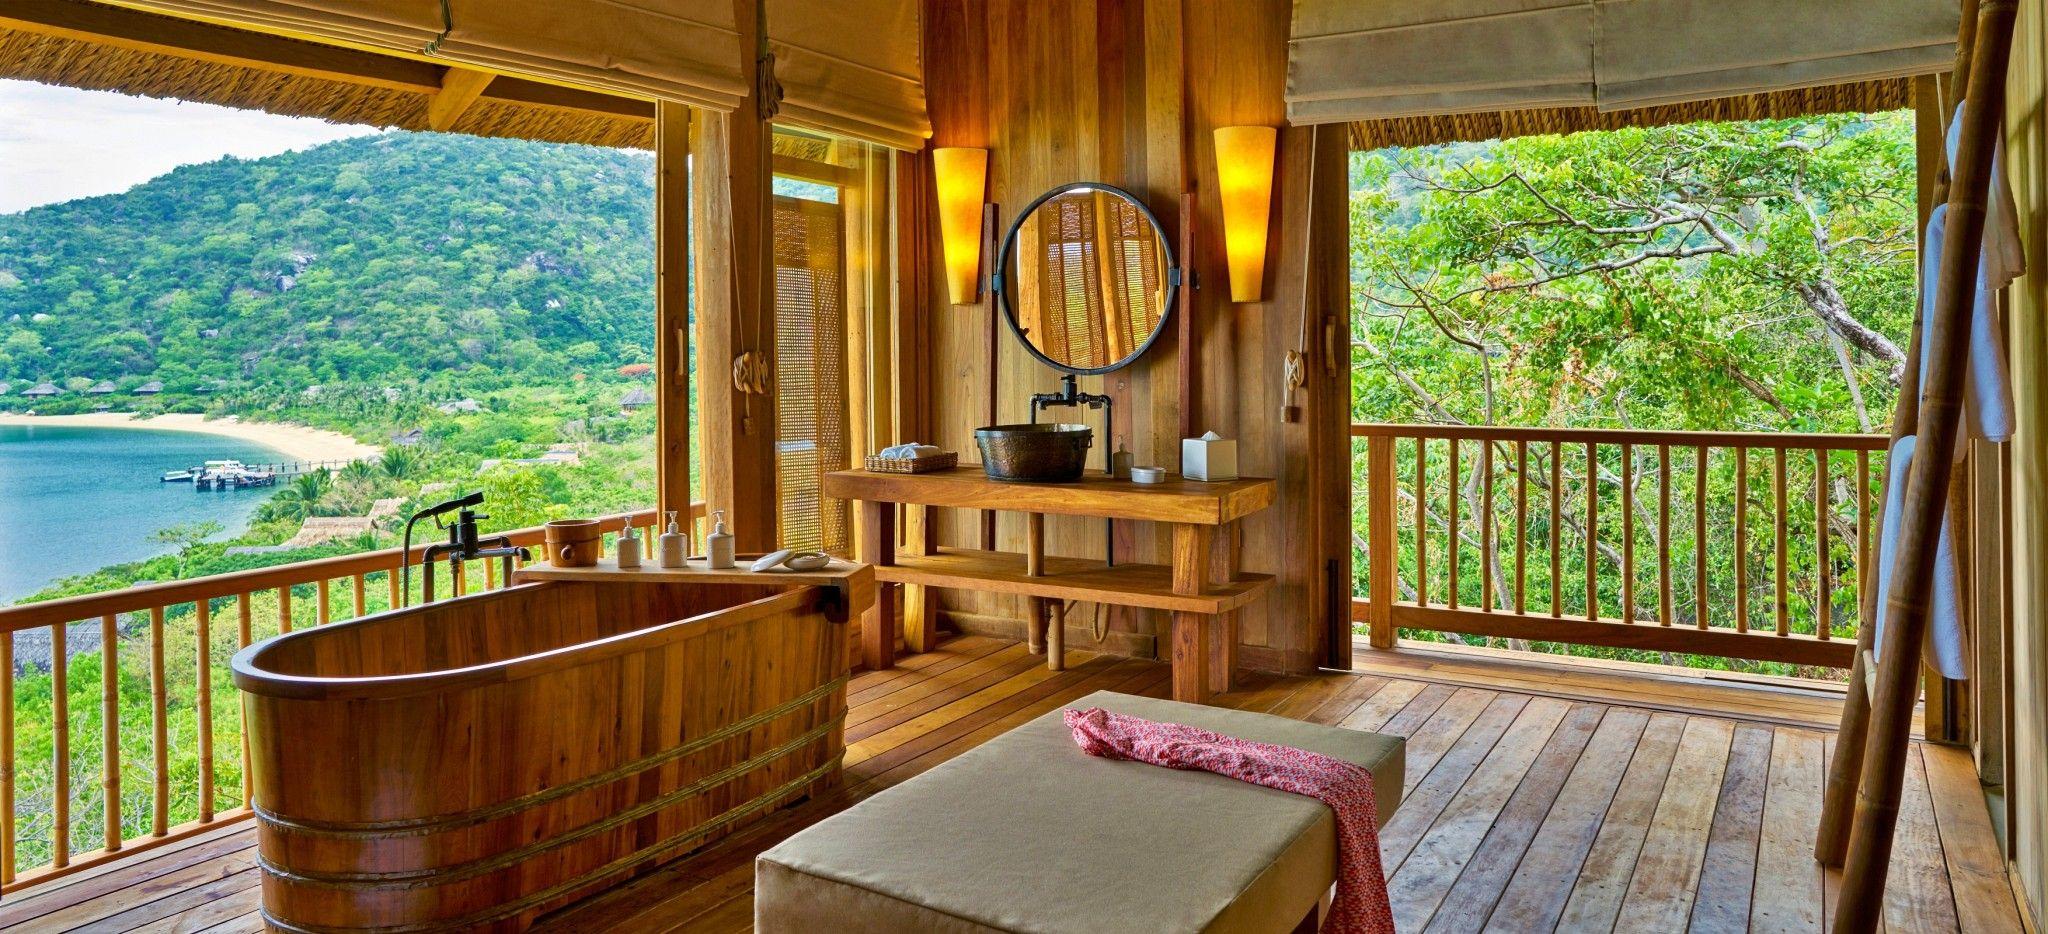 Ein voll aus Holz gefertiges Badezimmer mit Blick auf das Meer